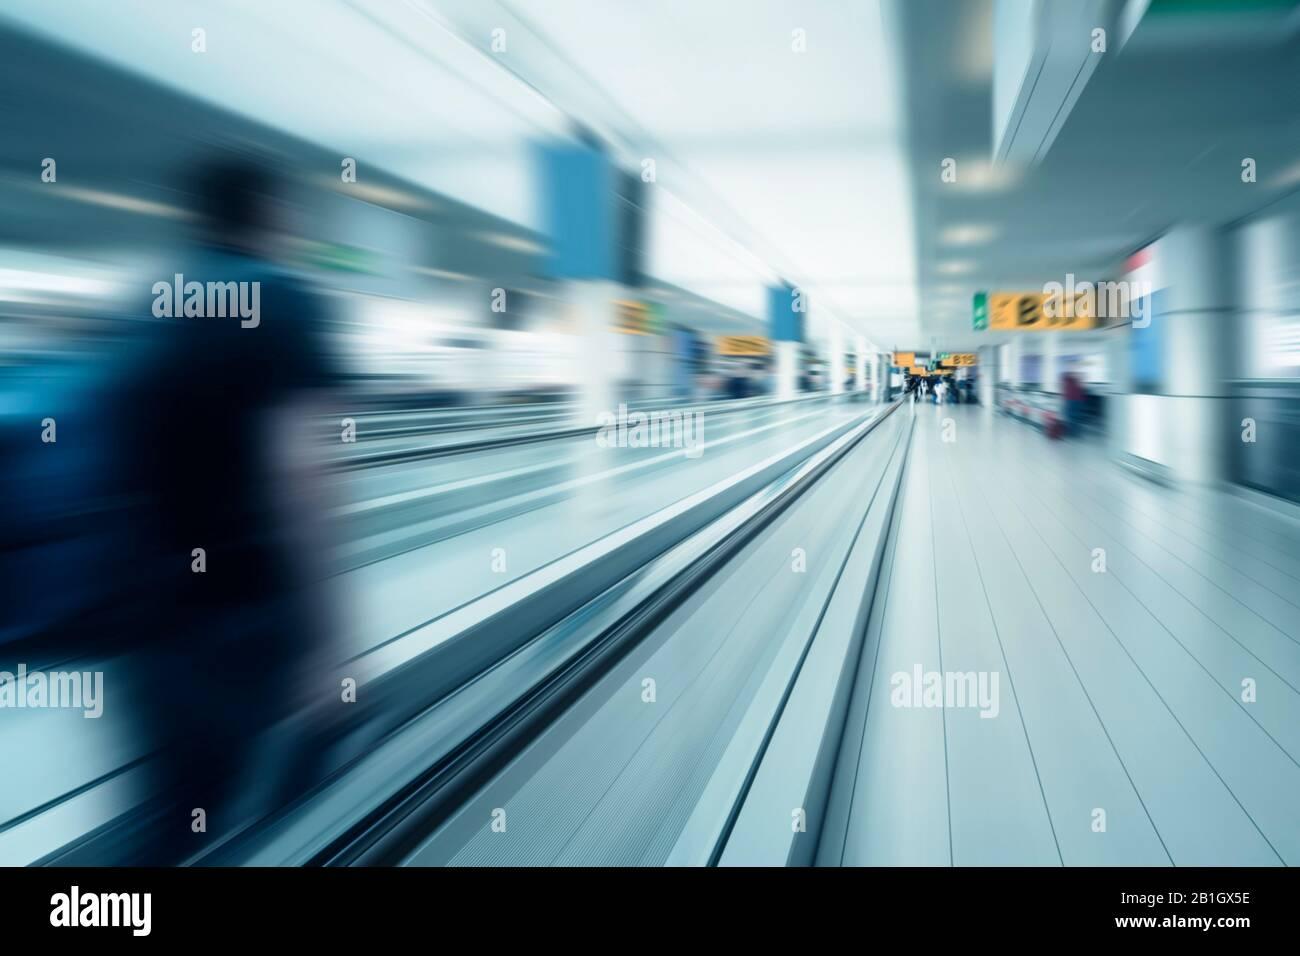 Imagen borrosa de una puerta del aeropuerto - globalización Foto de stock